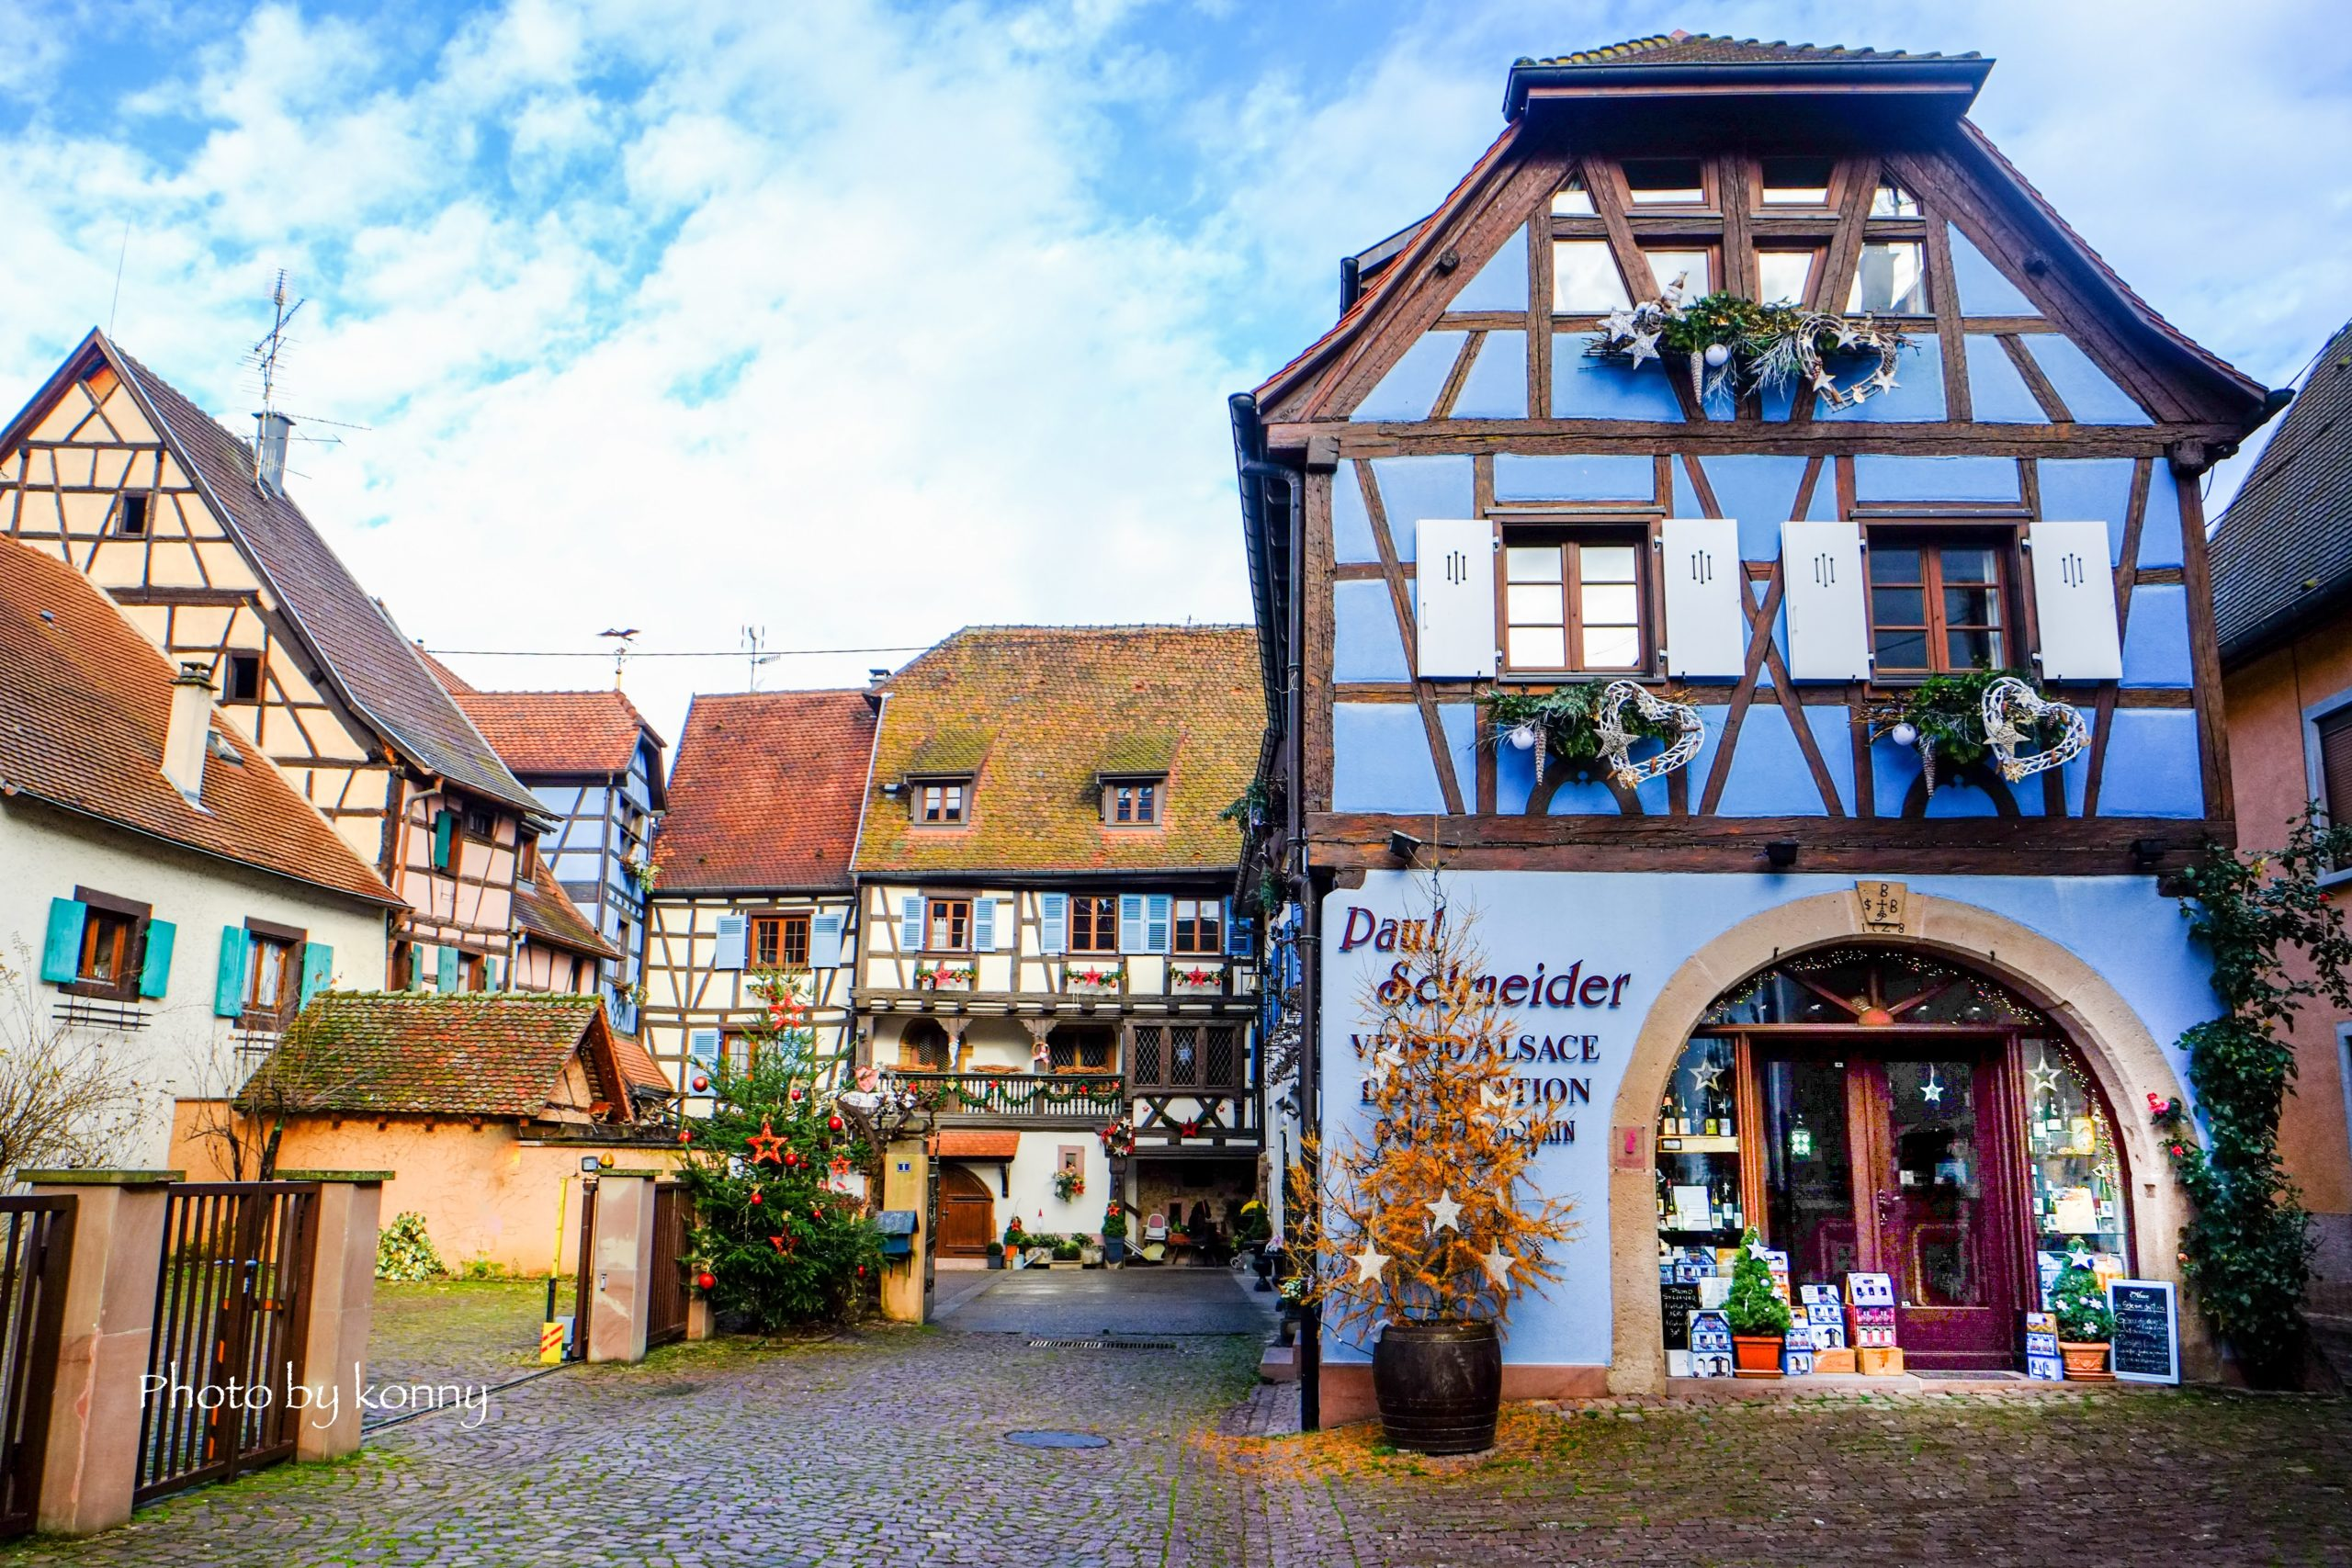 フランス 最も美しい村 エギスハイム